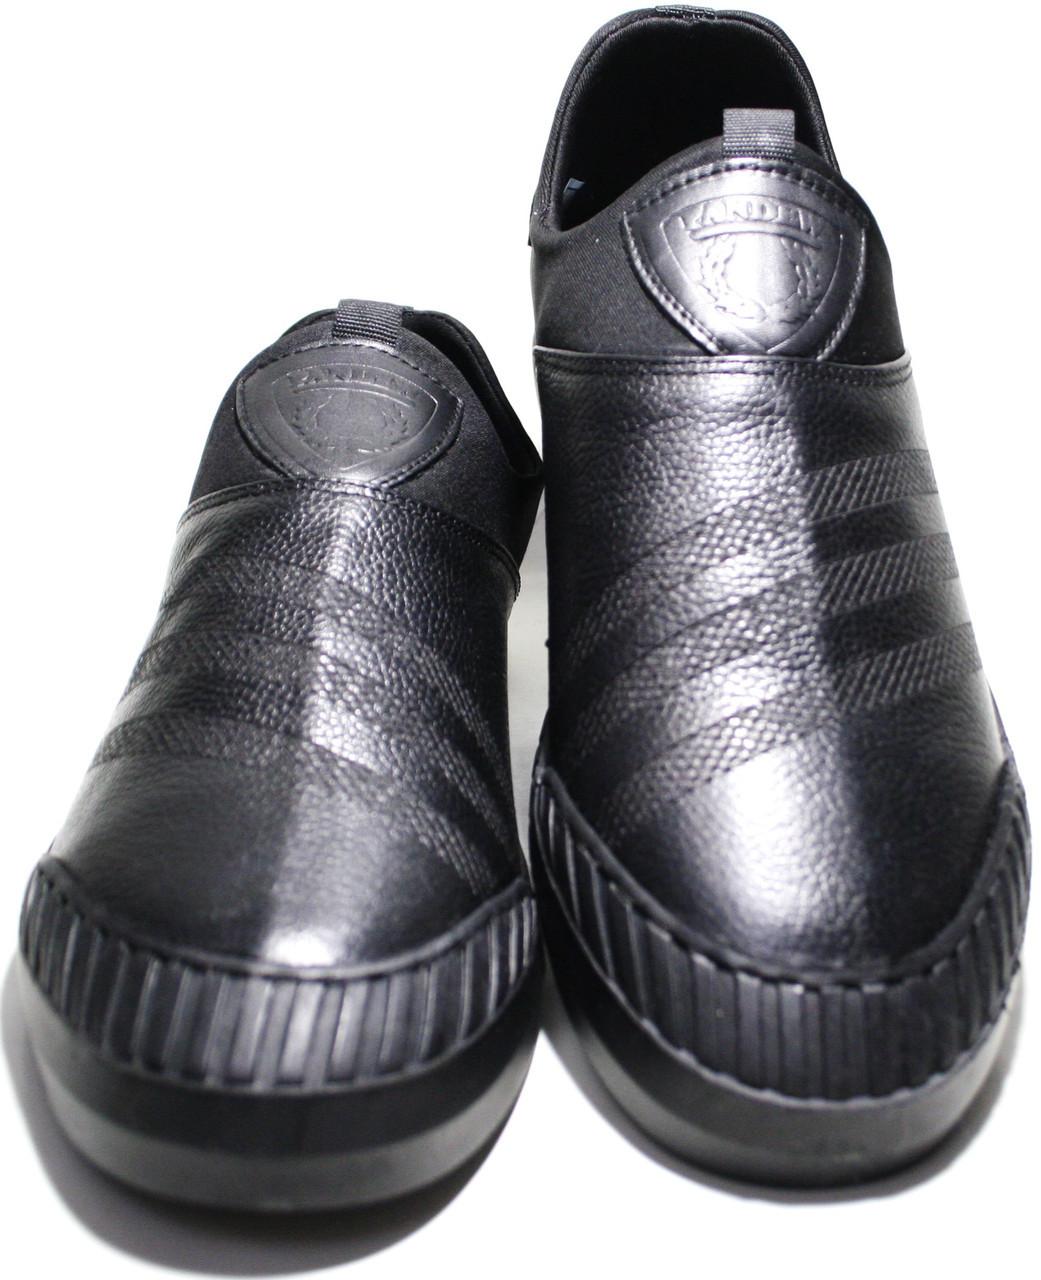 70ce65c7 Модные кроссовки туфли мужские Pandew, цена 1 568 грн., купить в ...